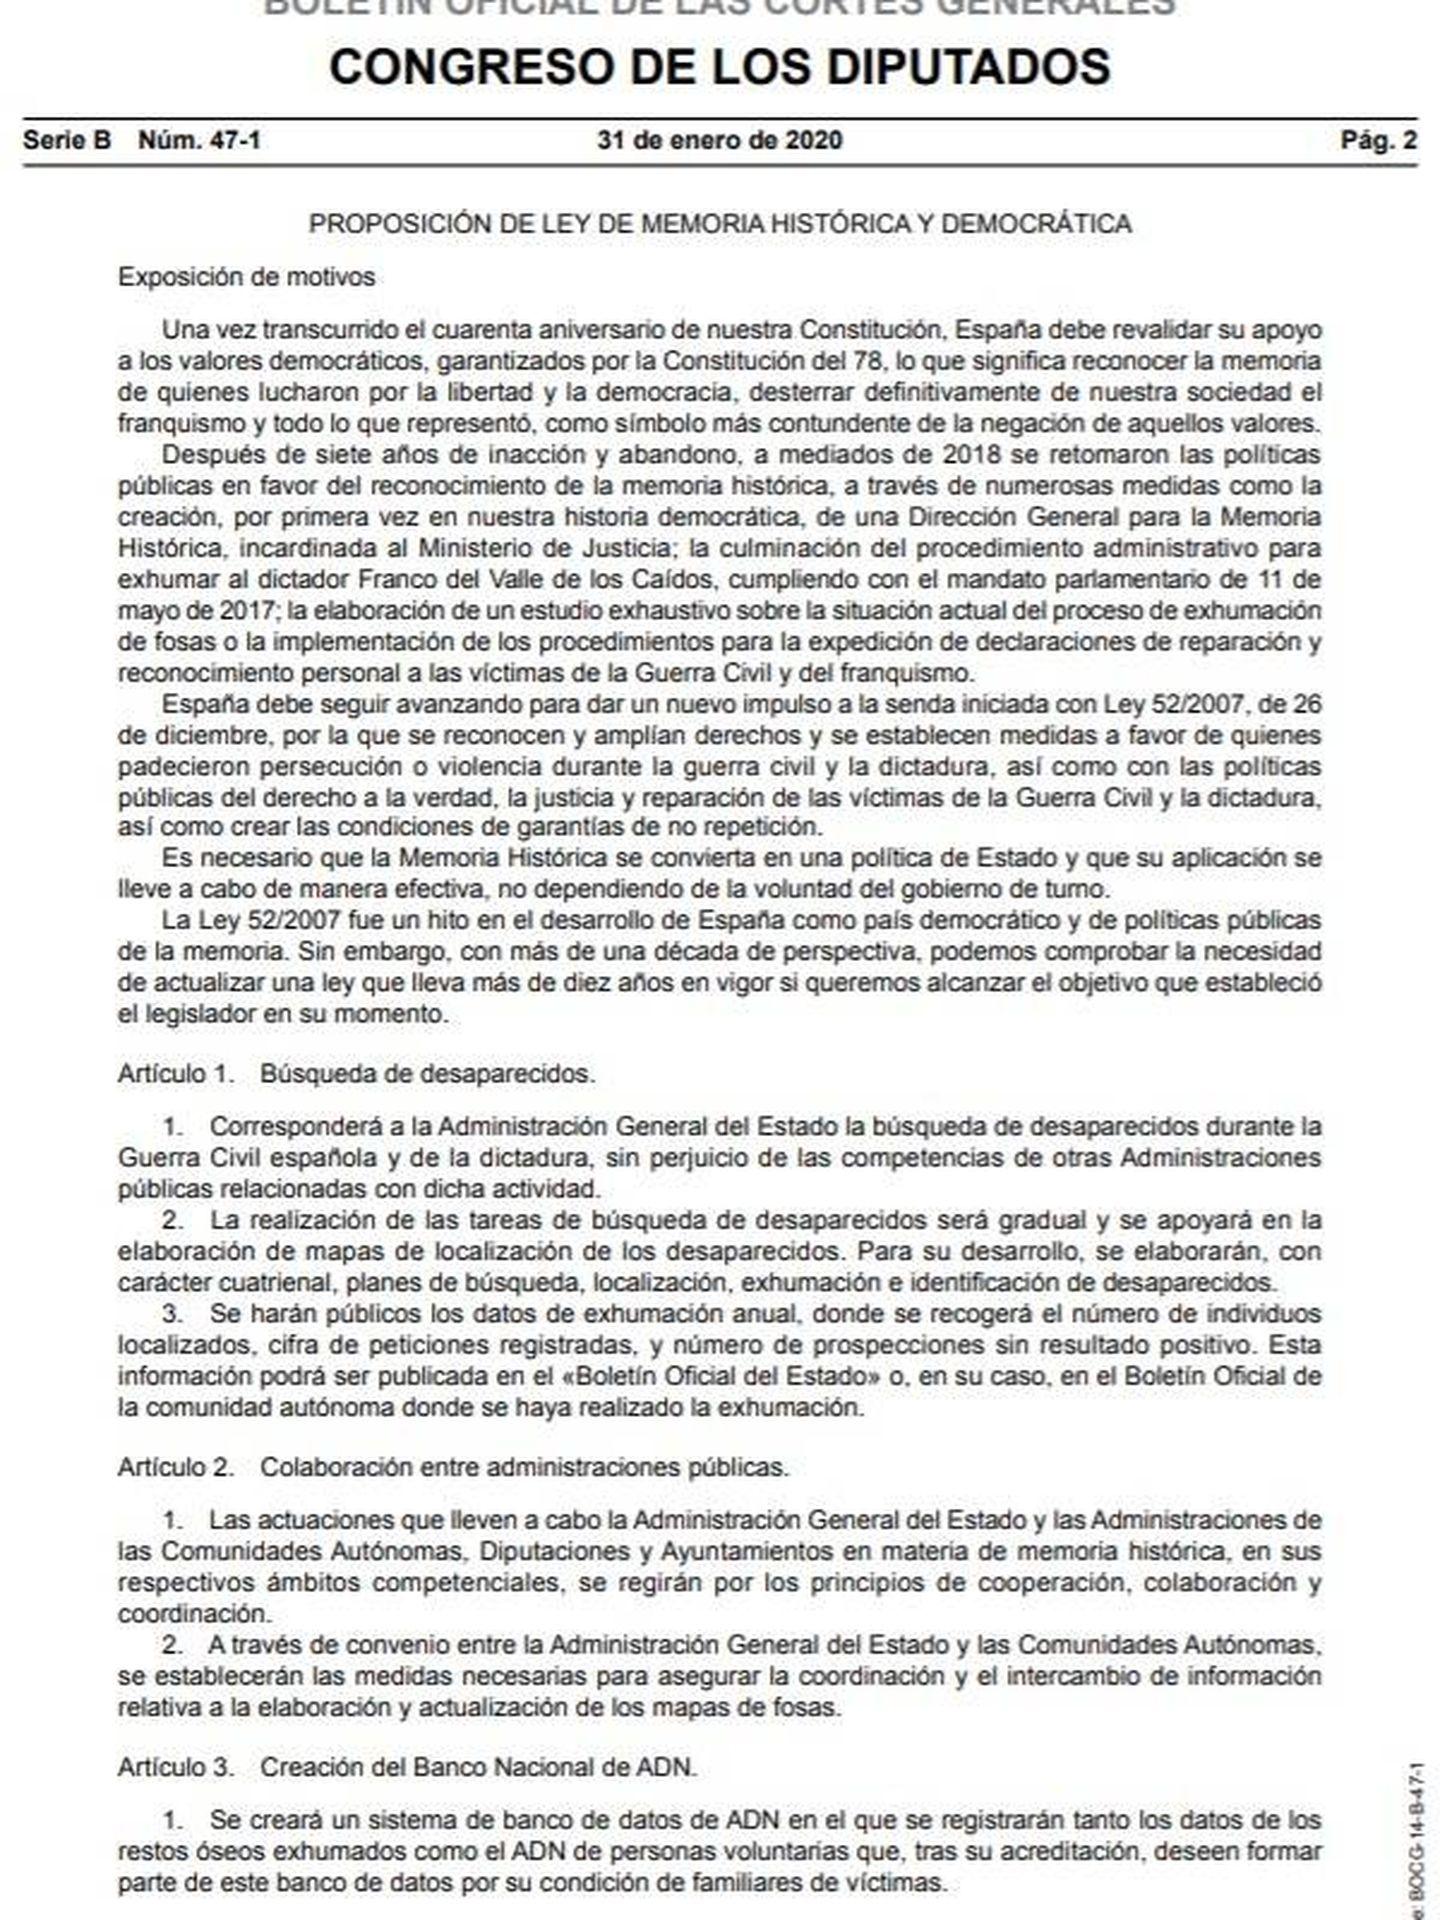 Consulte aquí en PDF la proposición de Ley de Memoria Histórica del Grupo Socialista en el Congreso registrada el 24 de enero.